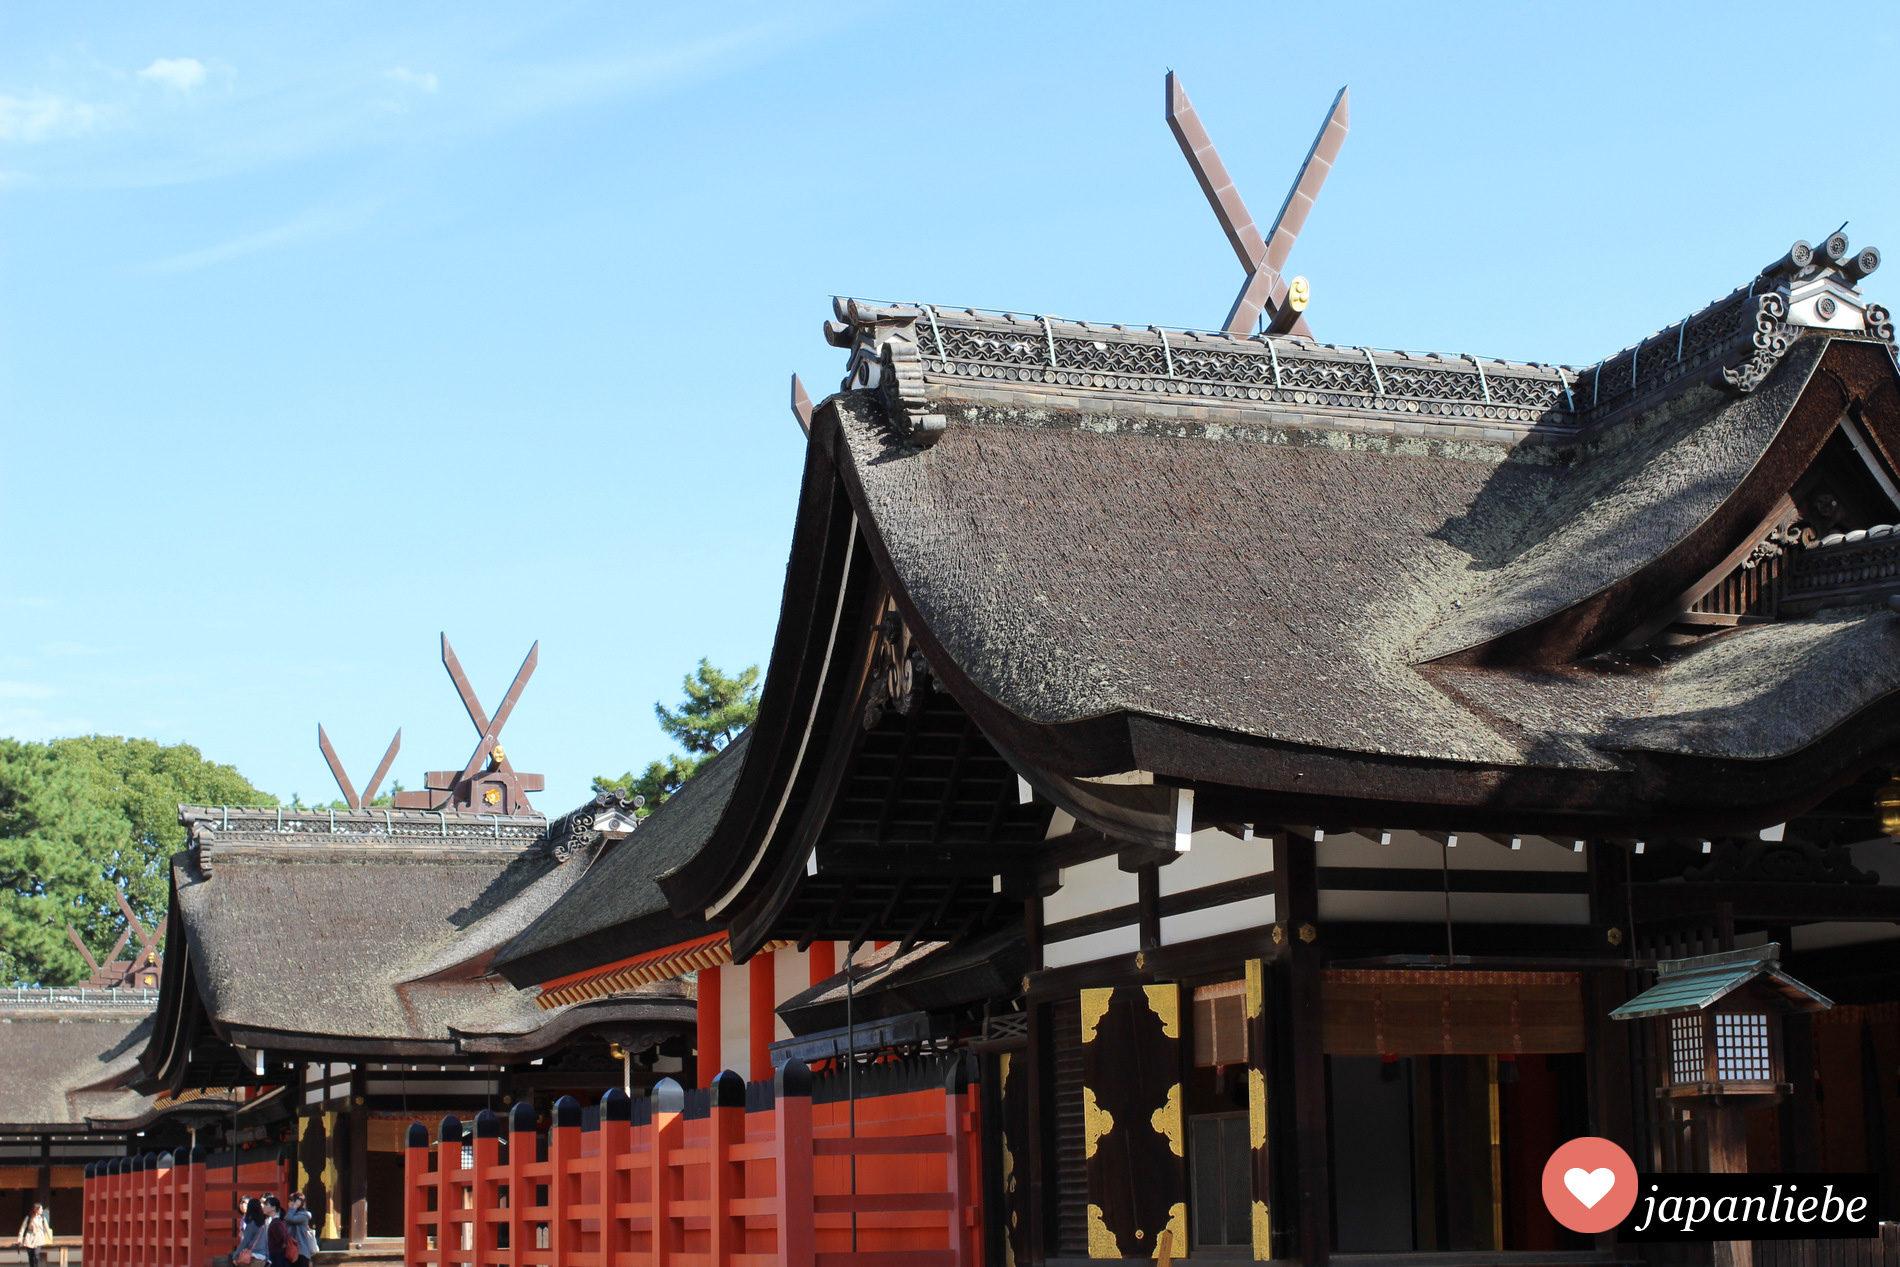 Klssische Shinto-Schrein-Dachfirste am Sumiyoshi Taisha Schrein in Osaka, Japan